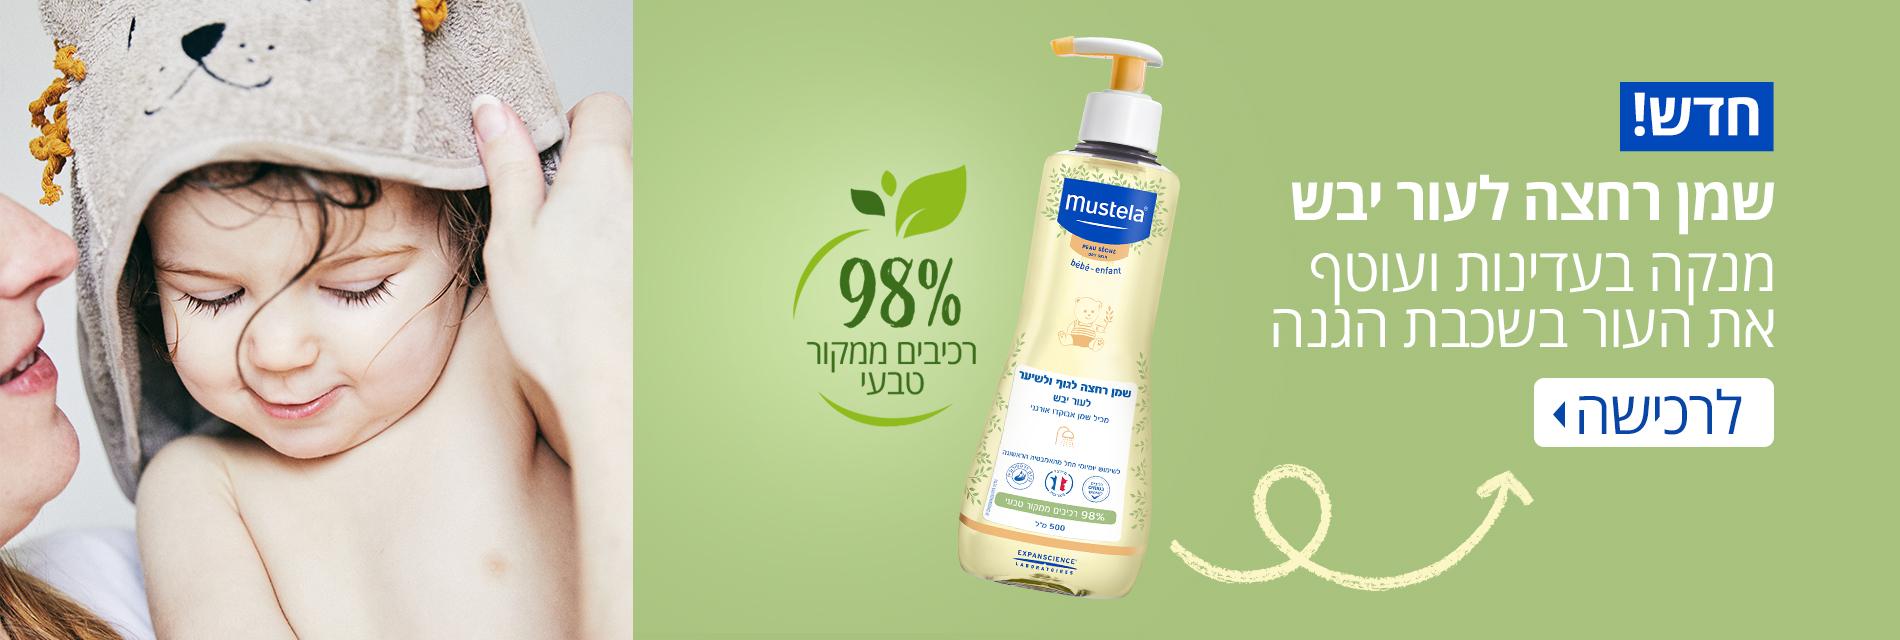 חדש! שמן רחצה לעור יבש. מנקה בעדינות ועוטף את העור בשכבת הגנה. 98% רכיבים ממקור טבעי. לרכישה